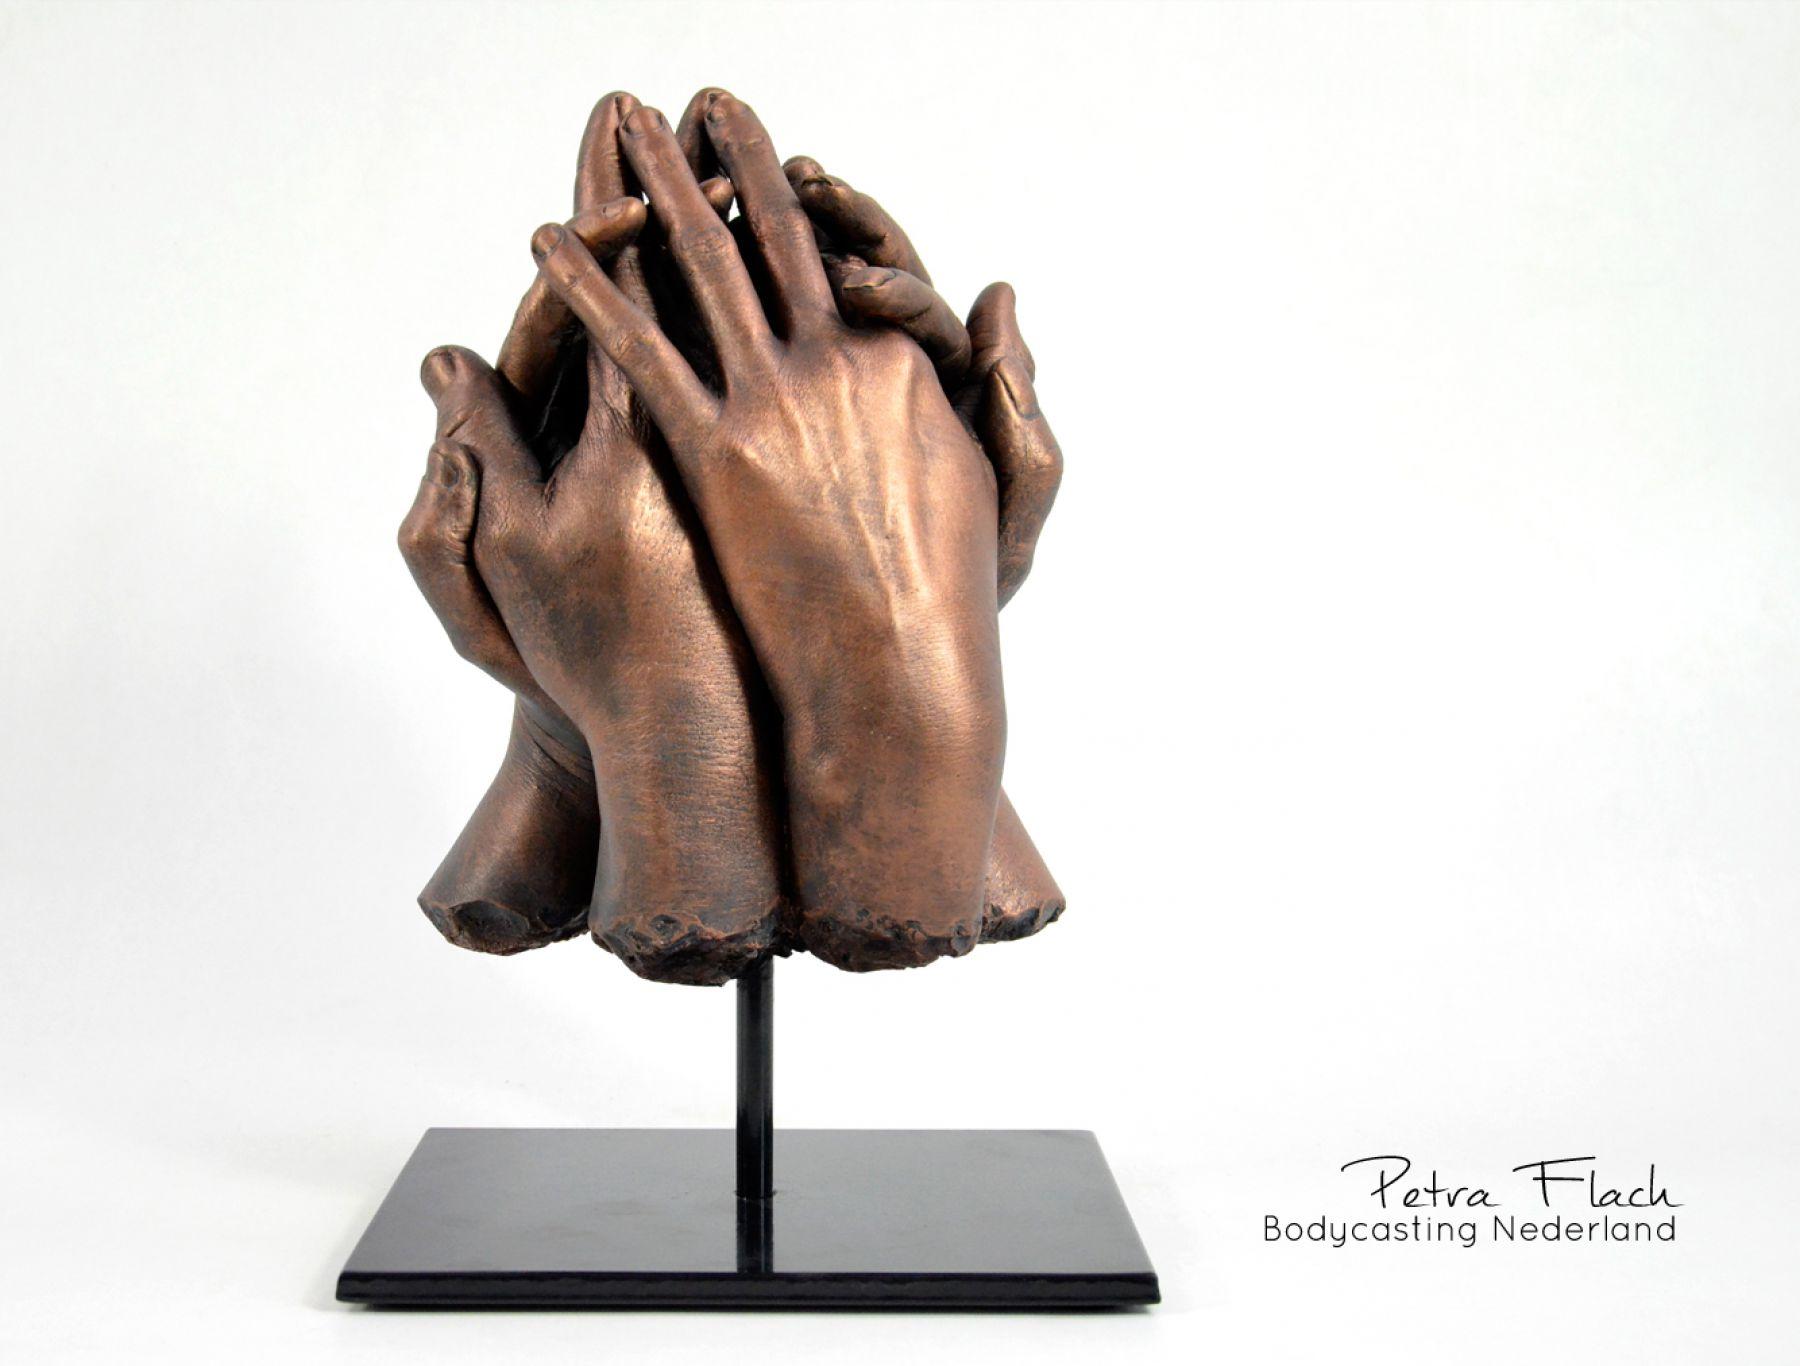 Handen-handbeeld-hands-brons-bronze-sculpture-kunst-art-petraflach-reeuwijk-beeldendekunst-gips-handenkunst-lichaamskunst-creativiteit